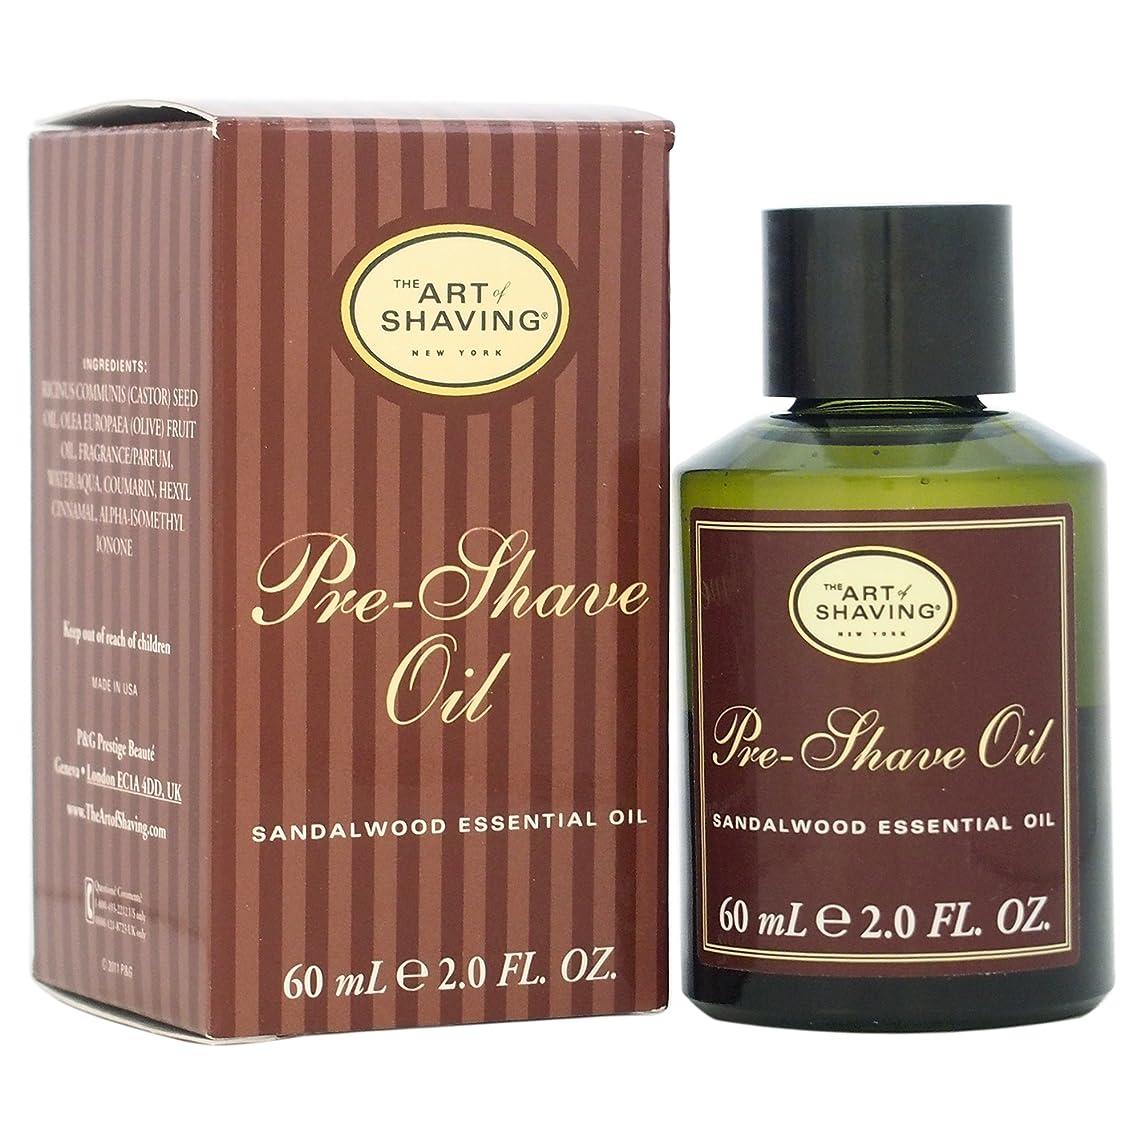 貨物工場ソーシャルThe Art Of Shaving Pre-Shave Oil With Sandalwood Essential Oil (並行輸入品) [並行輸入品]